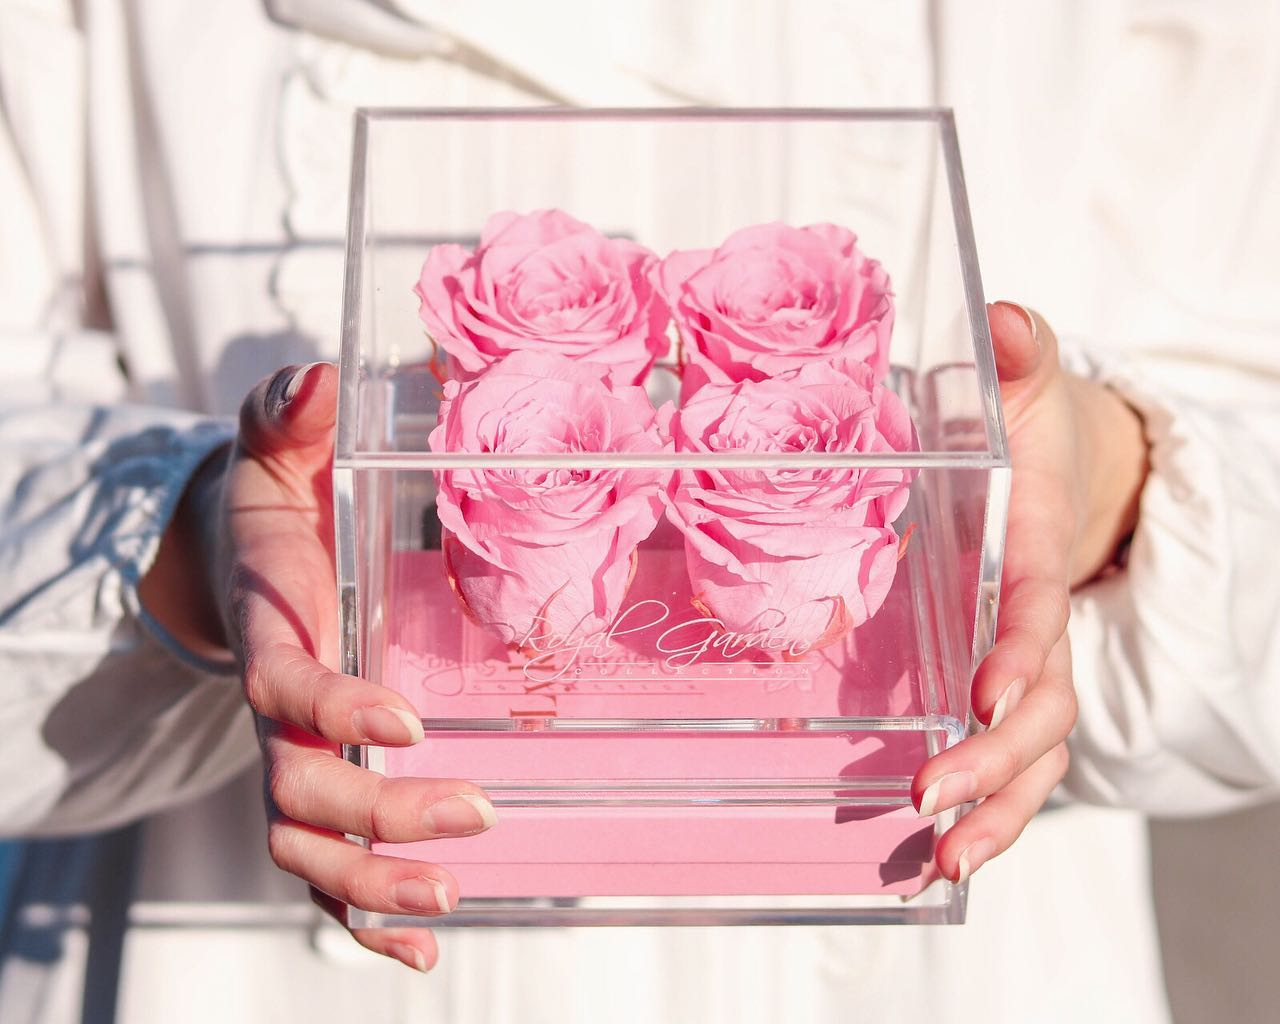 Sve žene koje vole cvijeće, nakit i parfeme oduševit će se ovim poklonom!